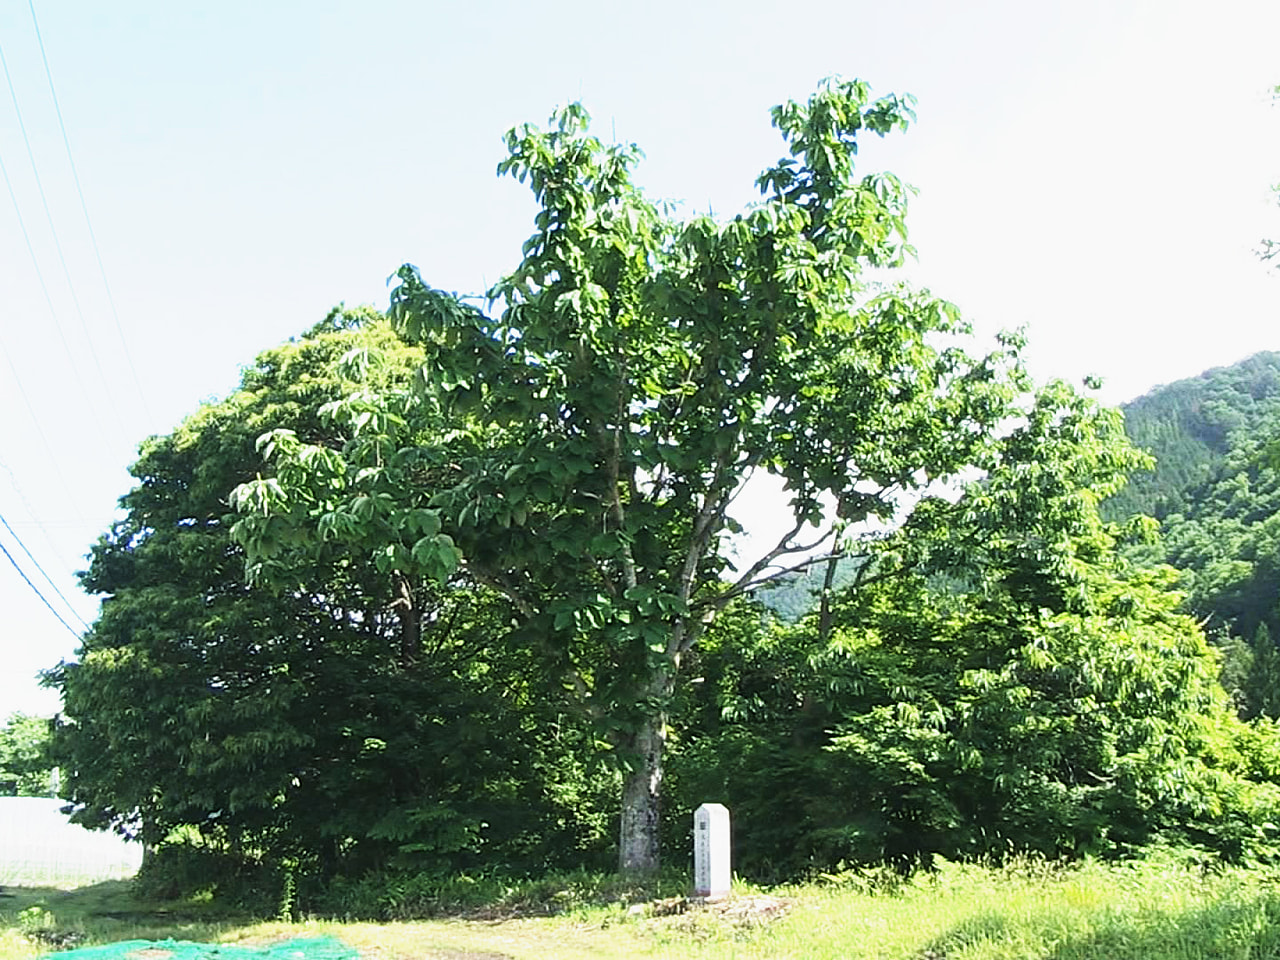 釣り鐘のような珍しい葉「フクロホウバ」が、今年も岐阜県高山市清見町で見つかりまし...